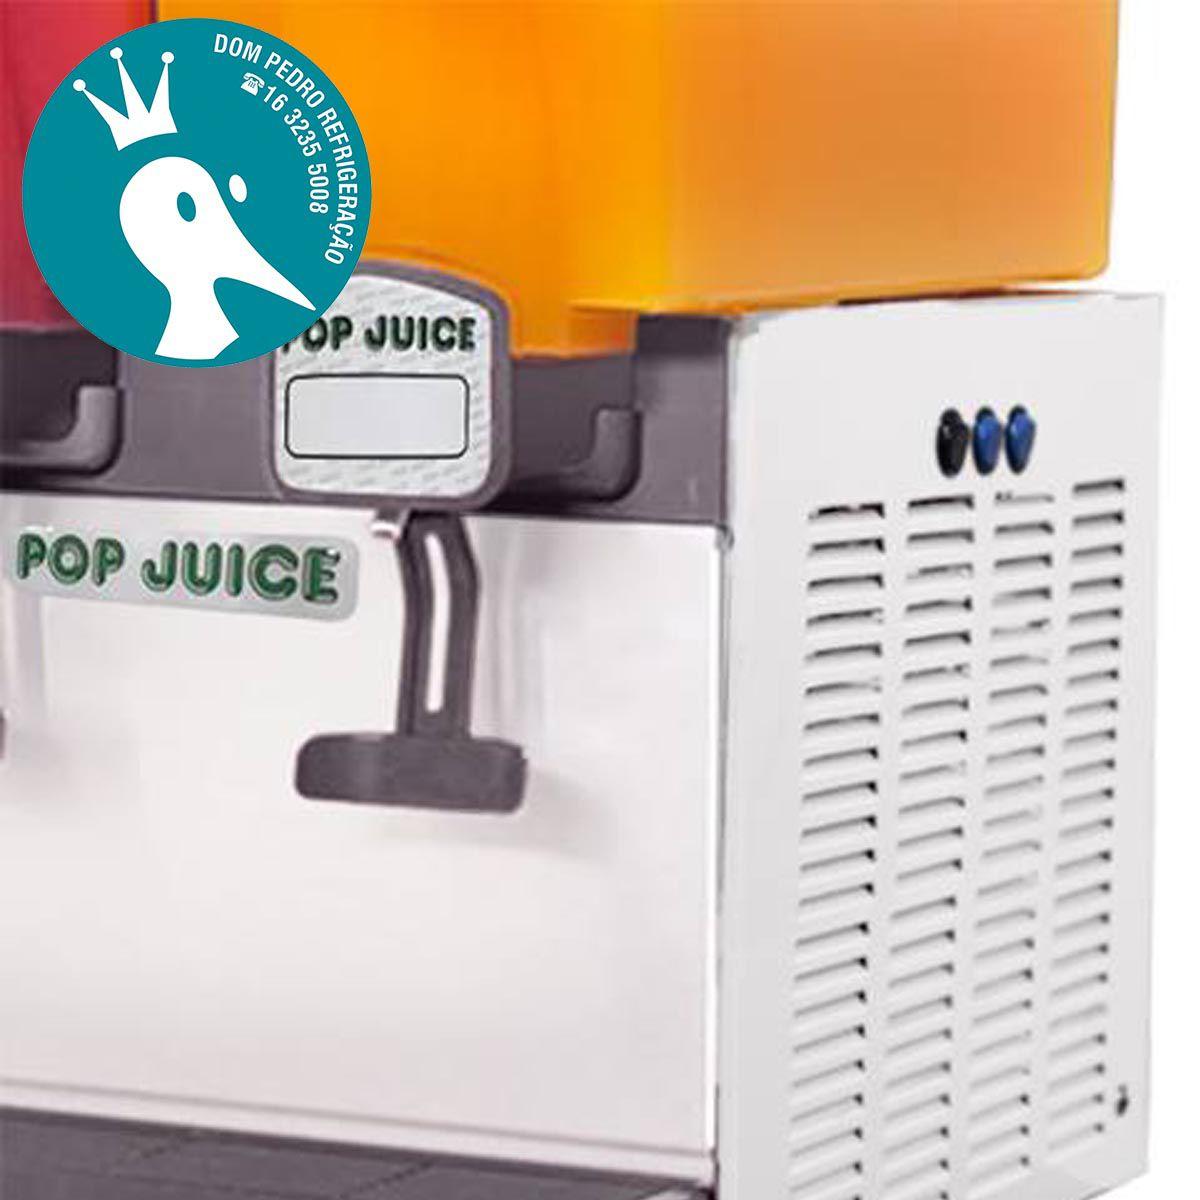 Refresqueira Pop Juice com 2 Depósitos de 15 Litros 127V - Reubly